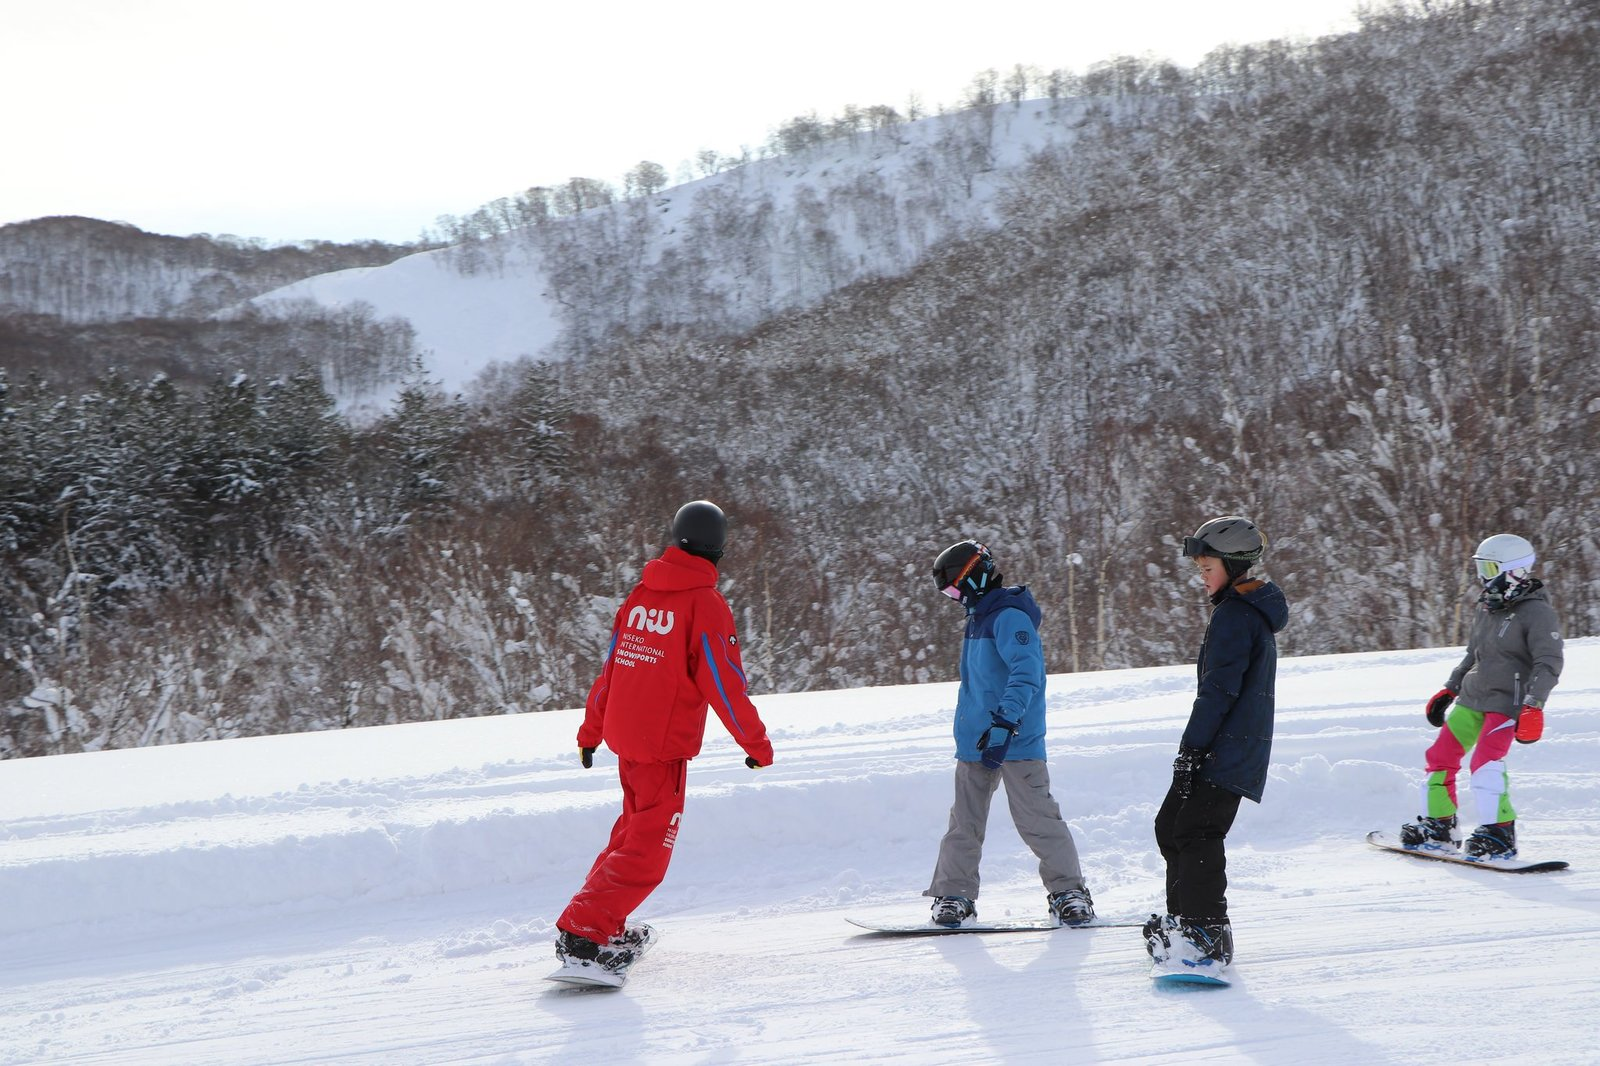 ニセコ花園リゾートの小学生向けスノーボードレッスン